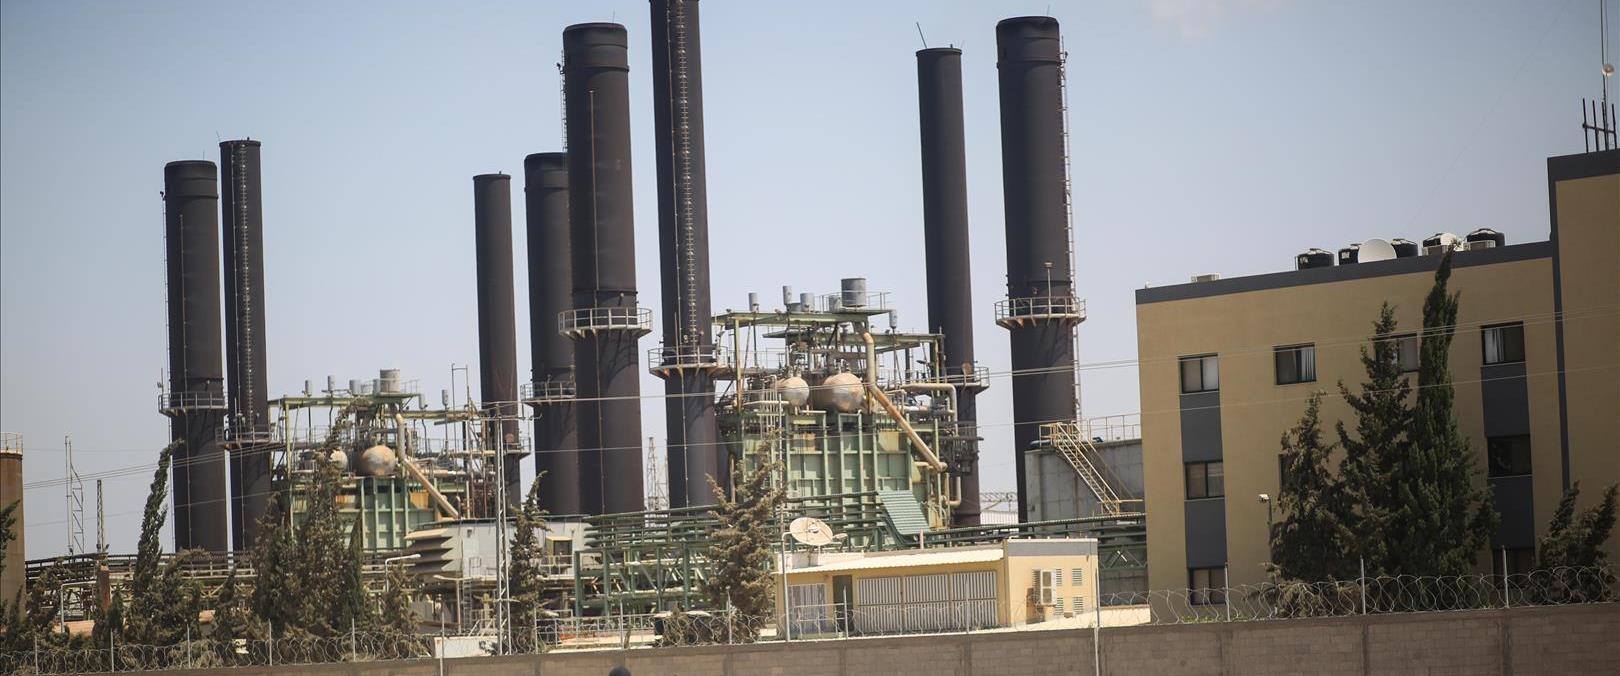 תחנת כוח בעזה